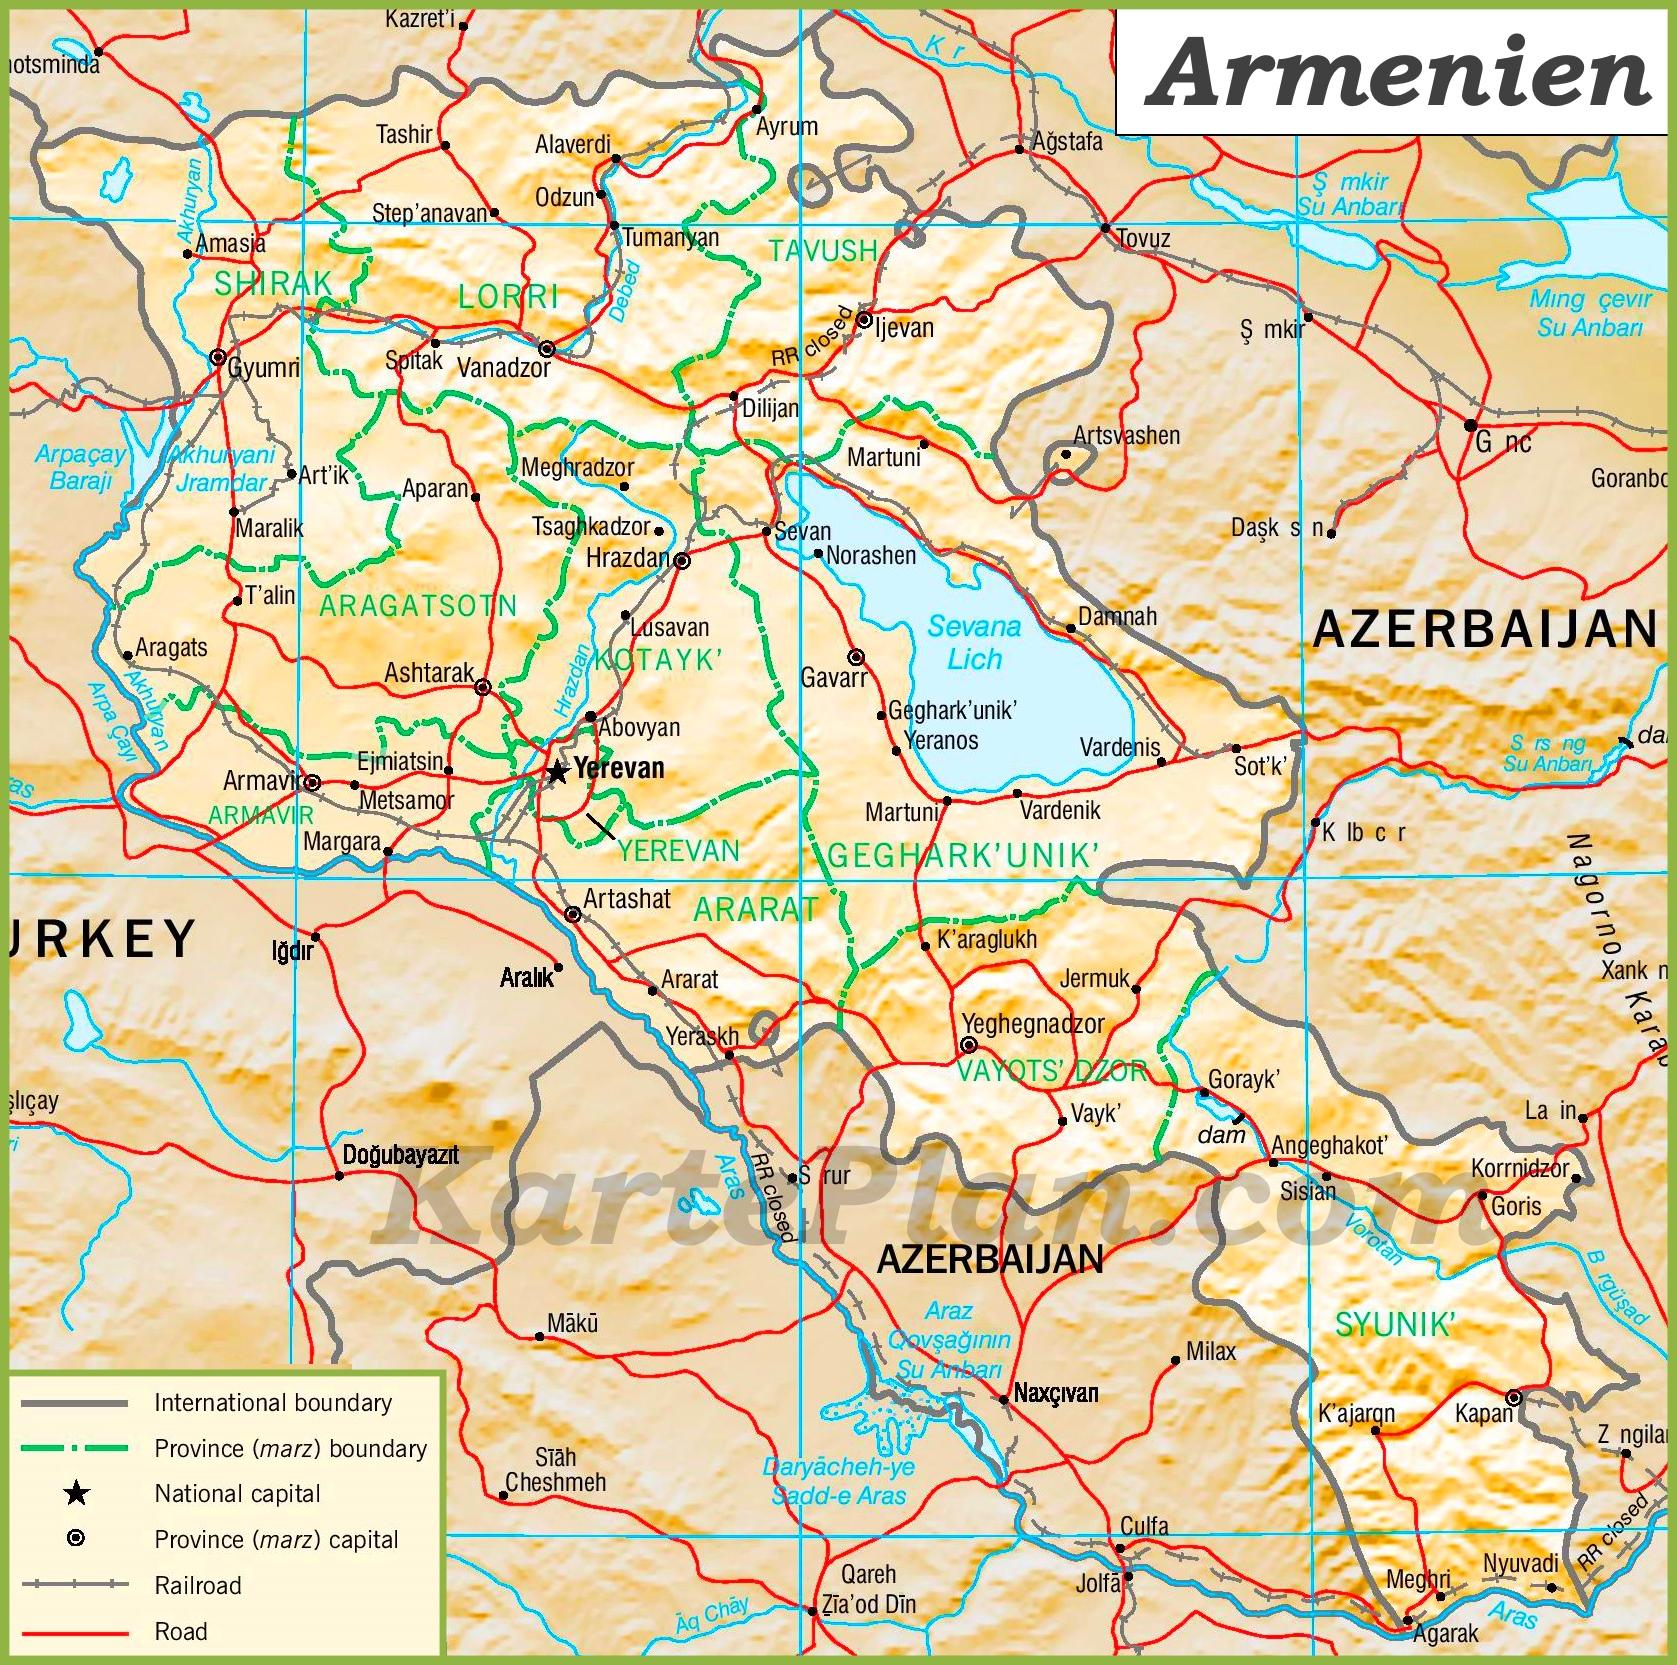 Armenien Karte.Politische Karte Von Armenien